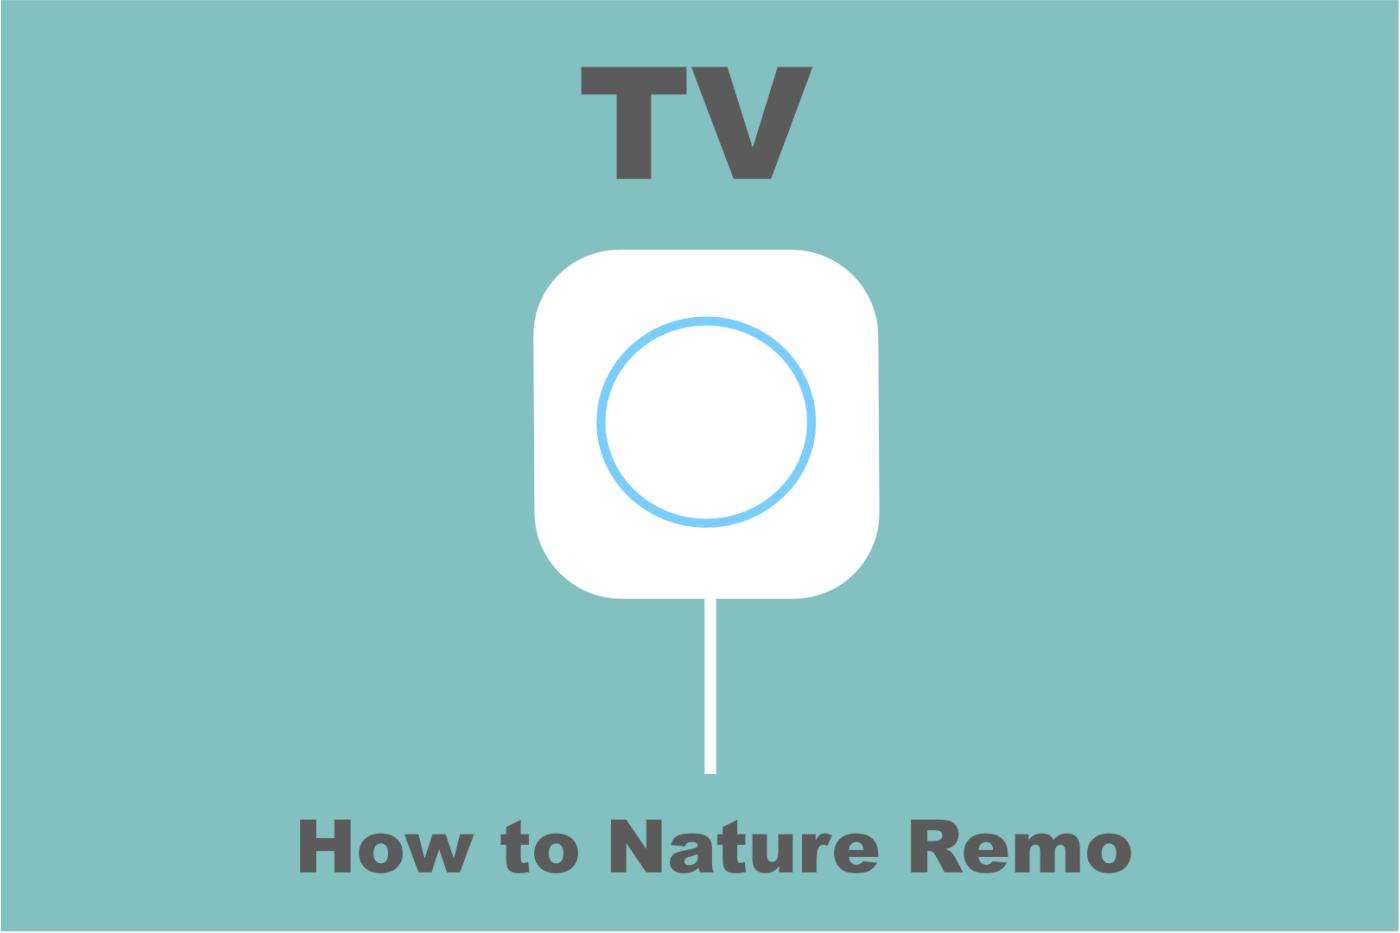 nature remoテレビ